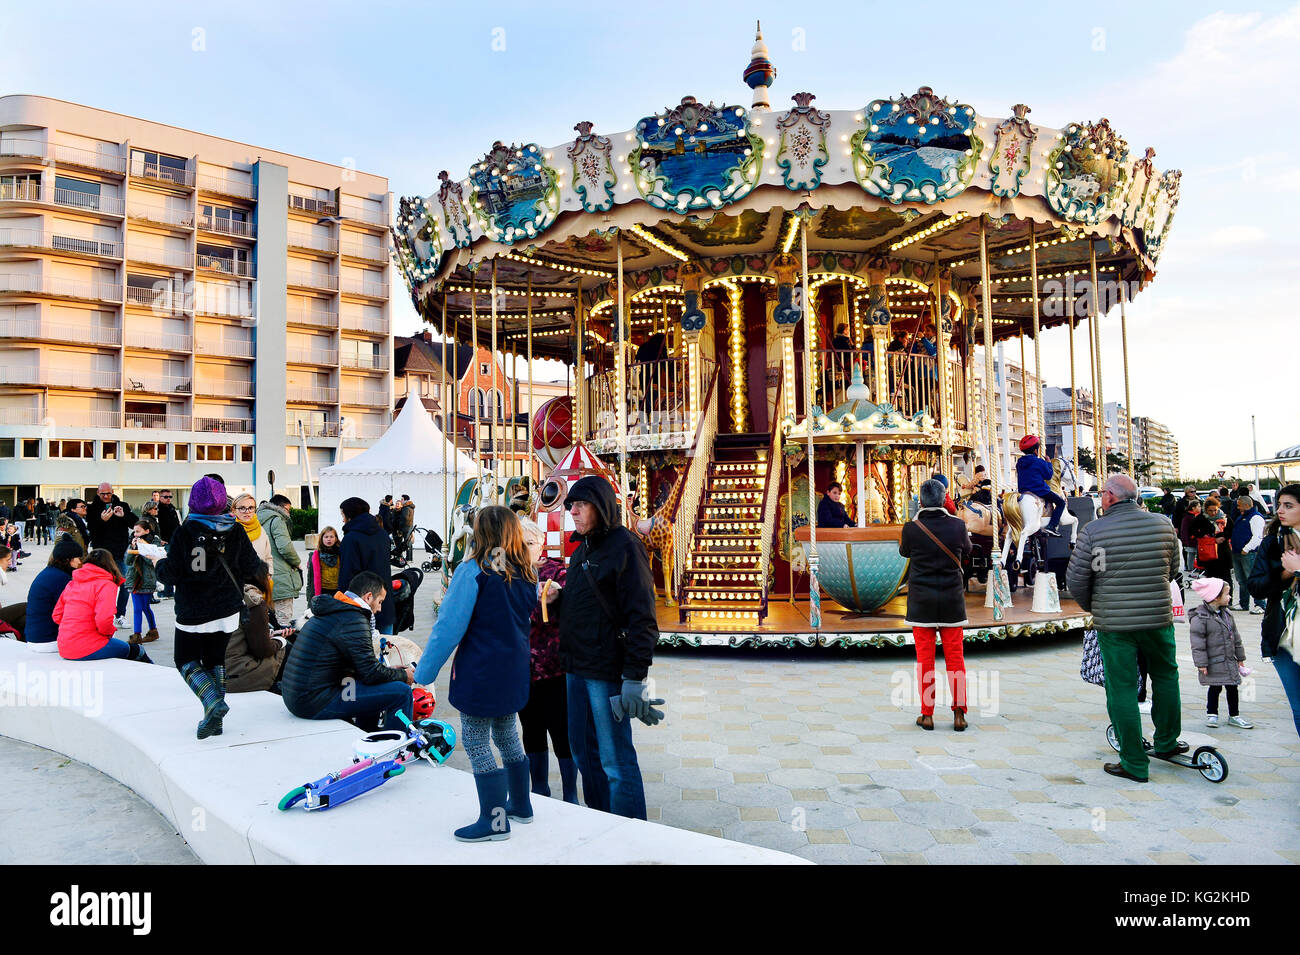 Merry Go Round - le Touquet - Paris Plage, pas-de-Calais - Hauts-de-France - Francia Immagini Stock